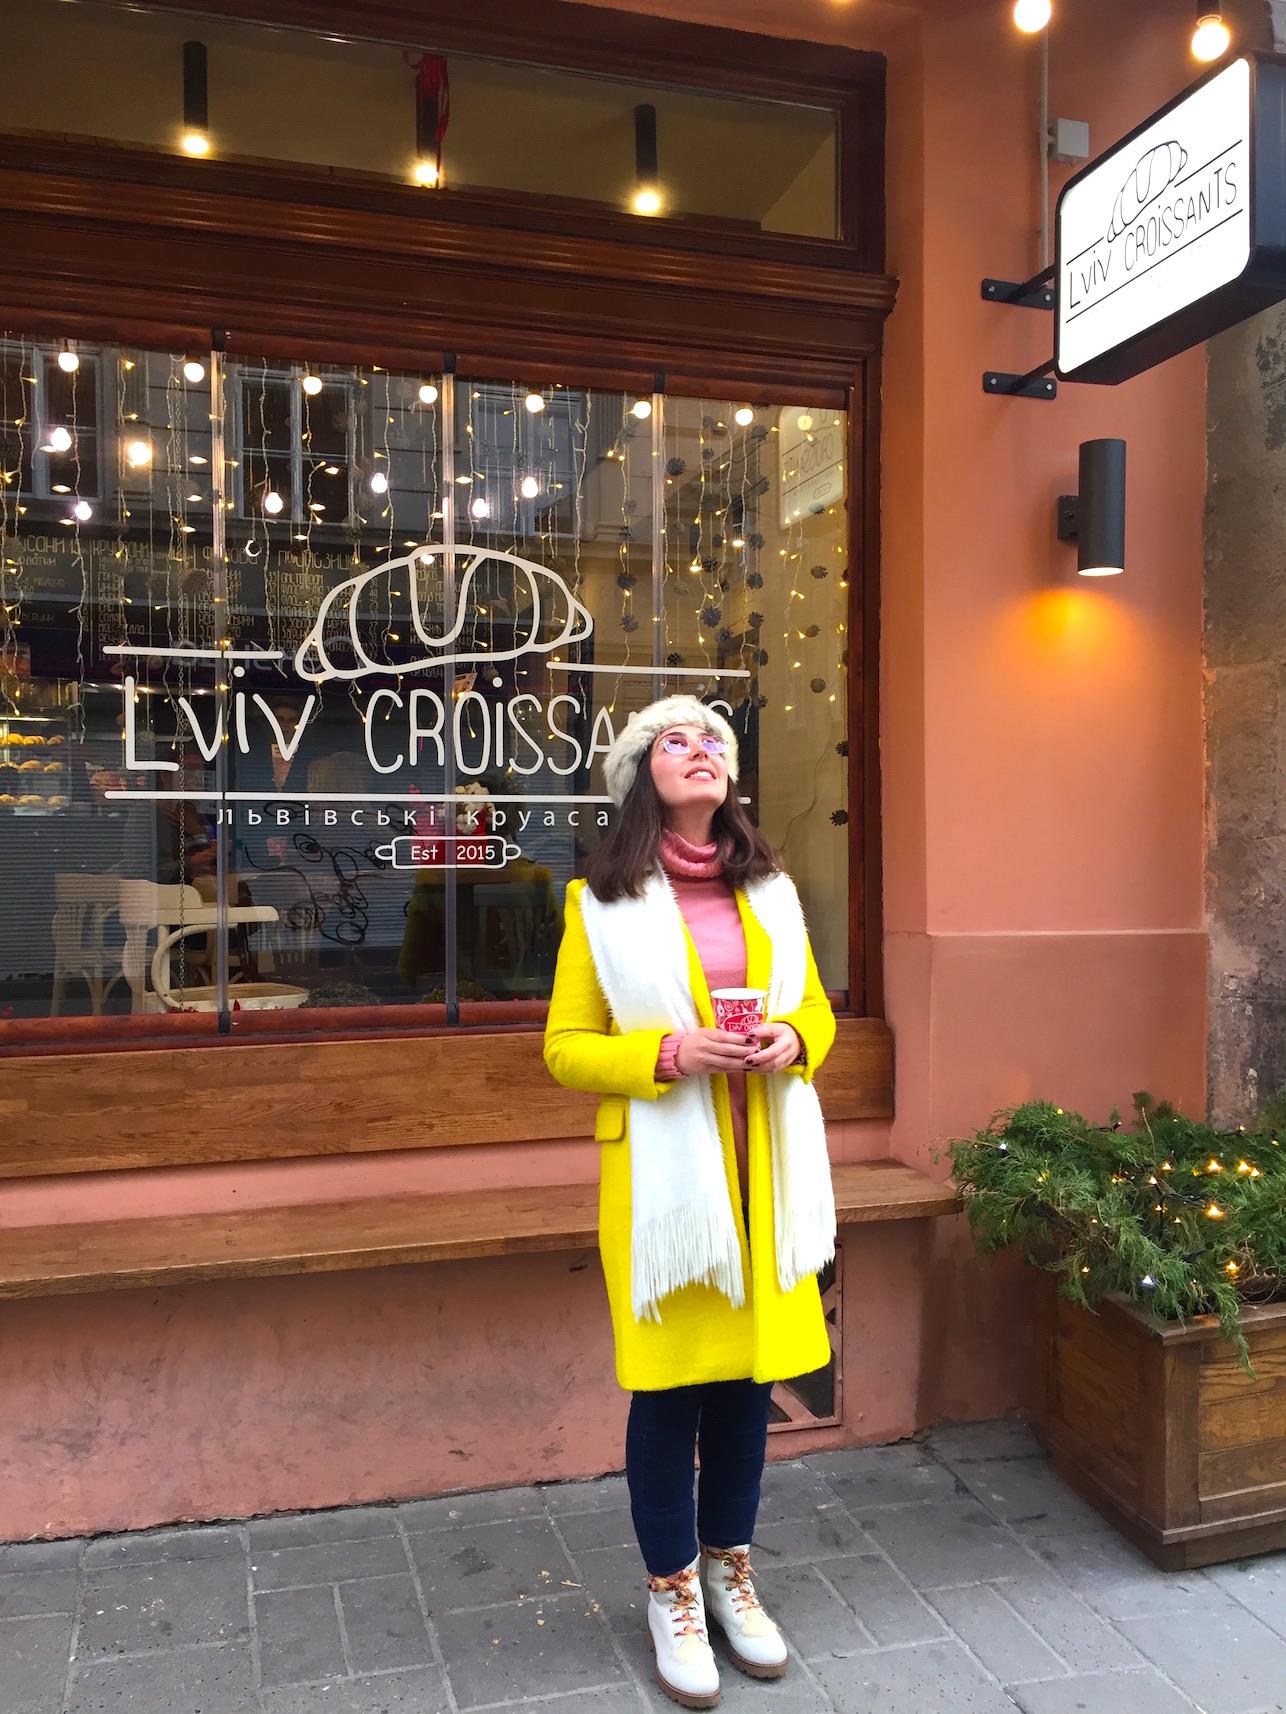 lviv croissant 1